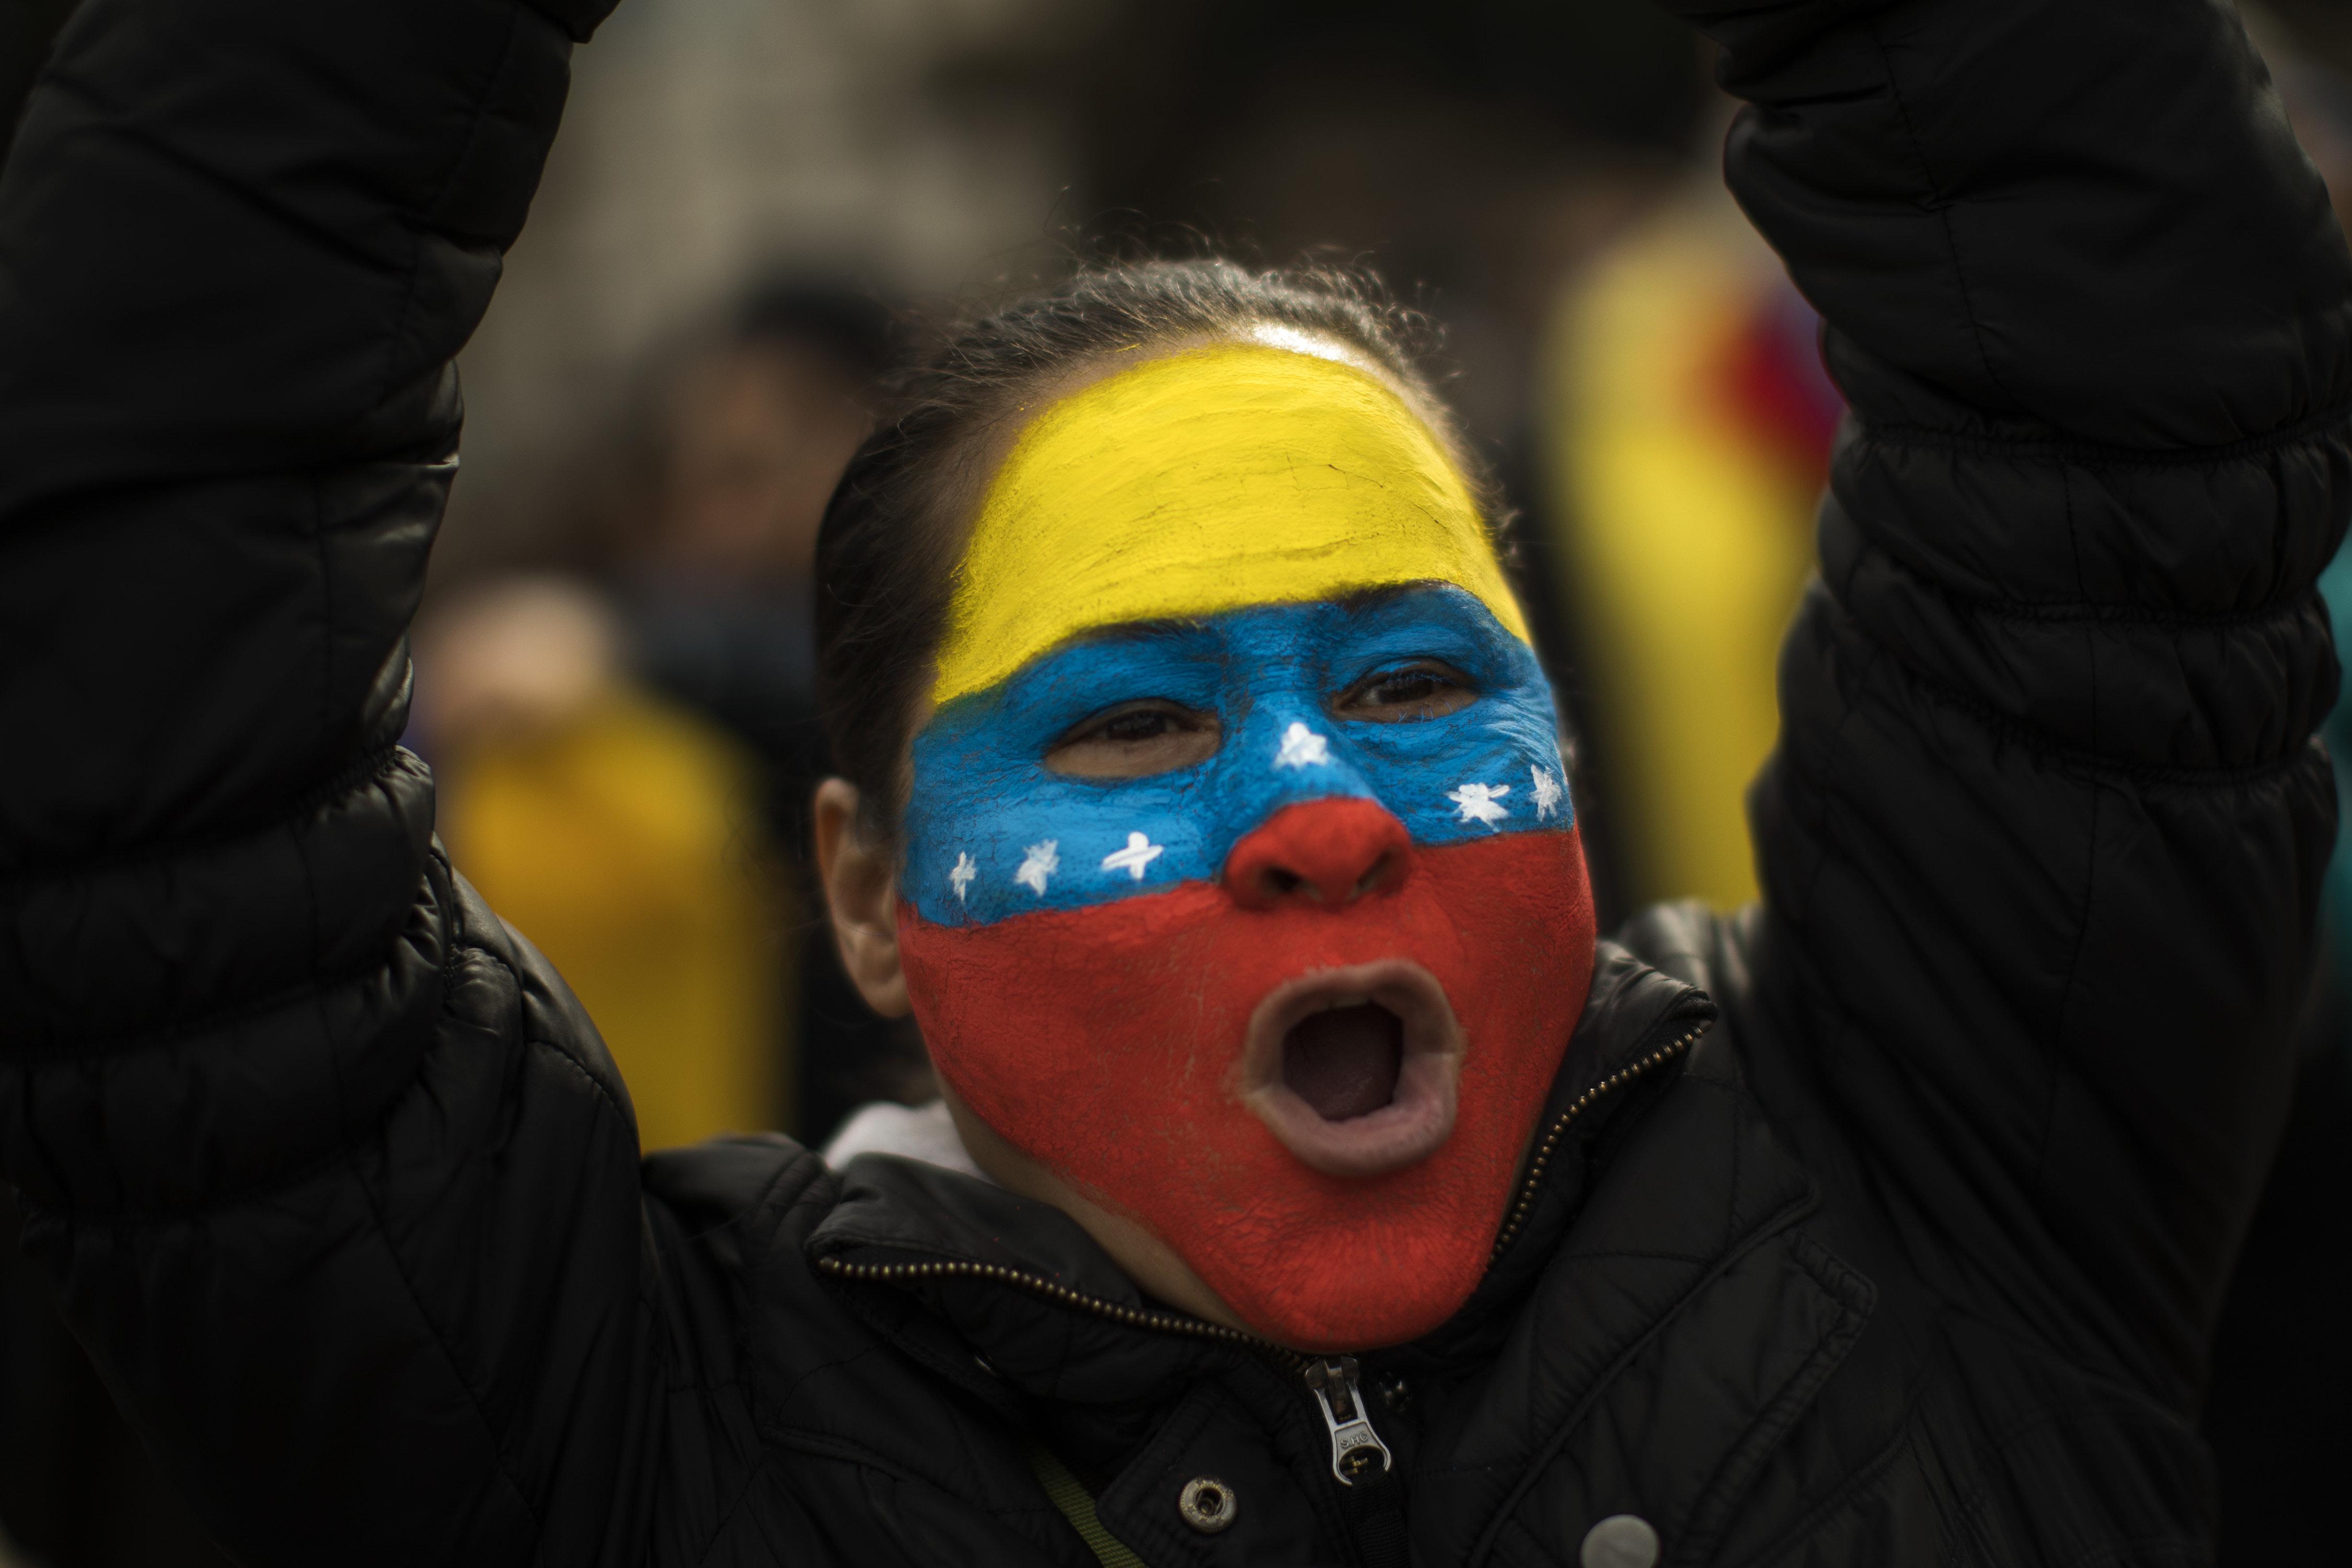 Εικόνα απόλυτου διχασμού - Δύο ογκώδεις διαδηλώσεις στη Βενεζουέλα, υπέρ και κατά του